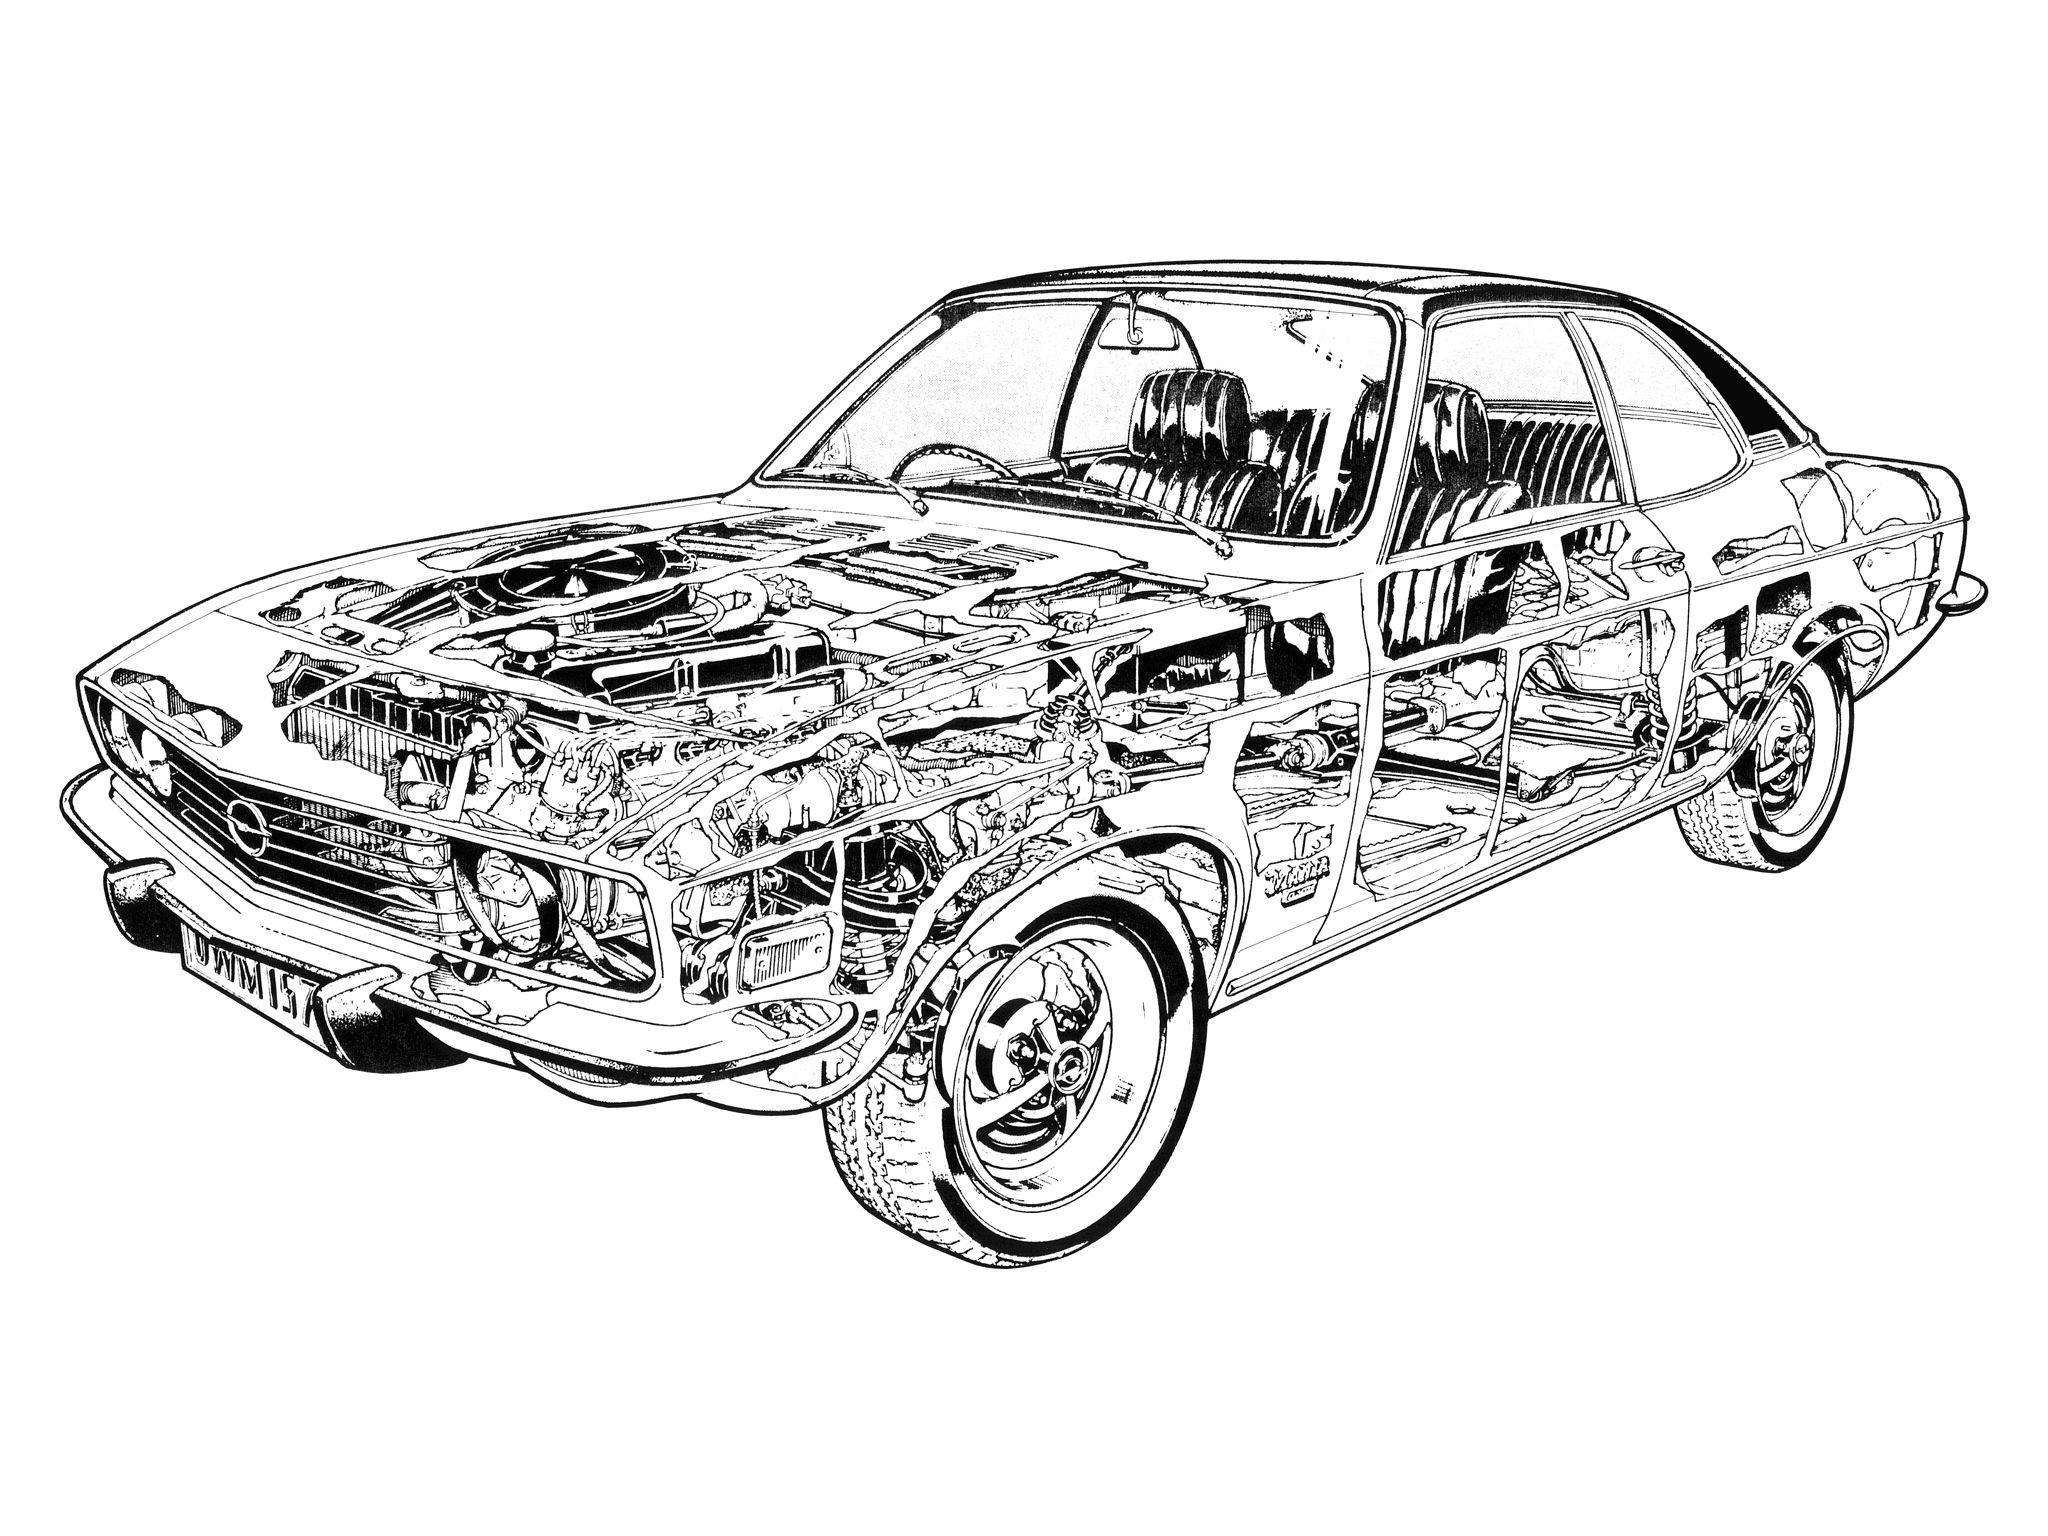 74 Opel Manta Luxus A